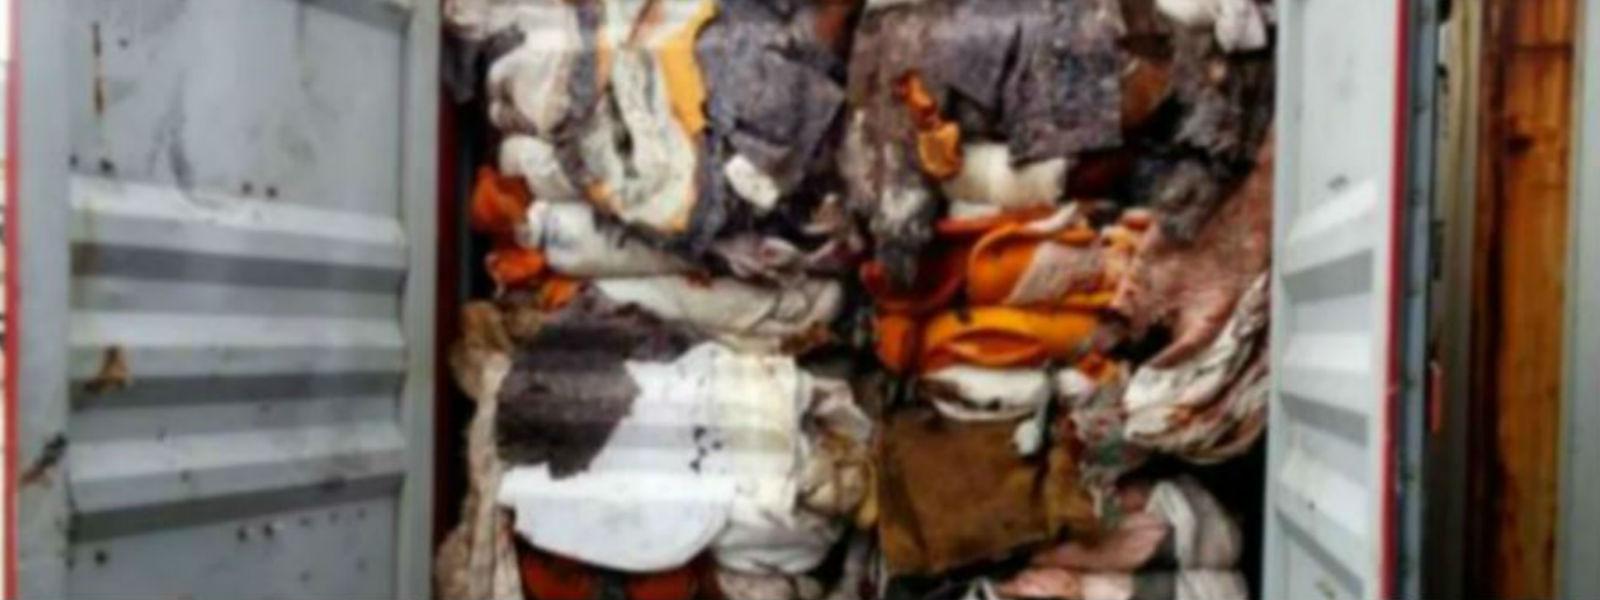 கழிவுகள் அடங்கிய கொள்கலன்களை இங்கிலாந்துக்கு திருப்பியனுப்ப நடவடிக்கை